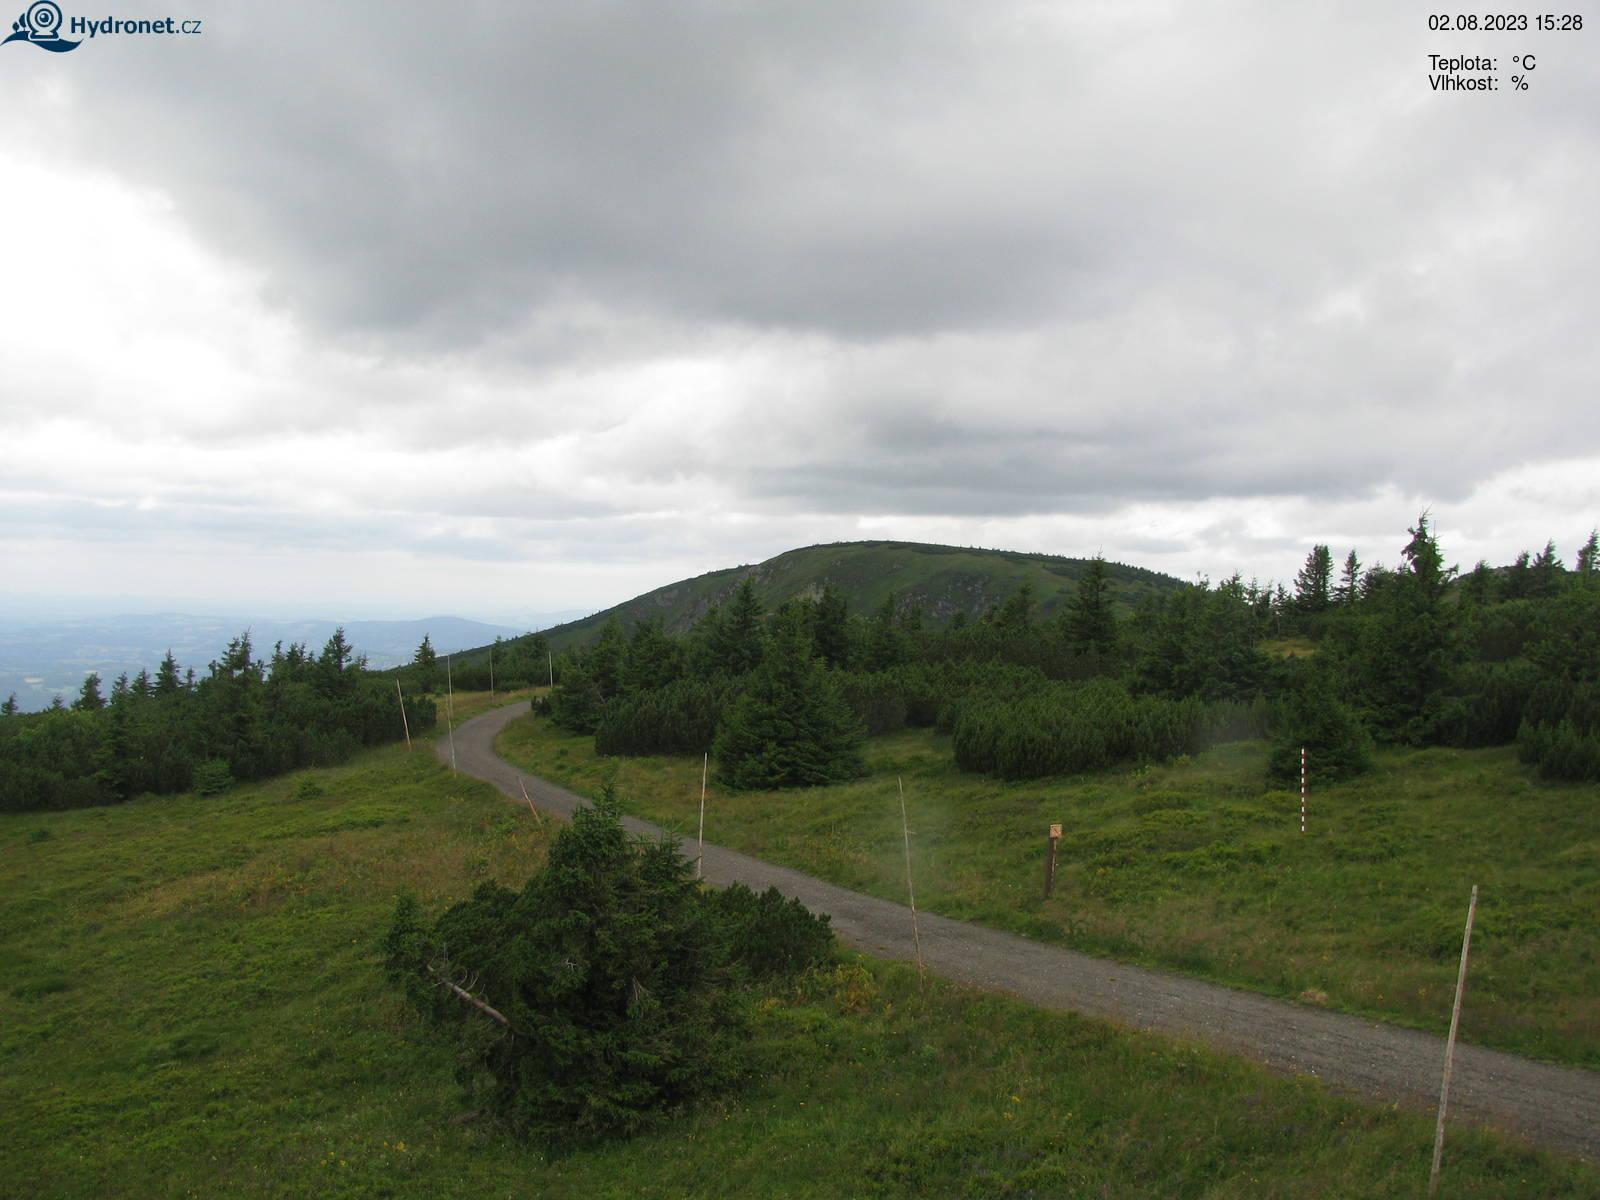 Webcam Skigebiet Spindlermühle Kotel - Riesengebirge